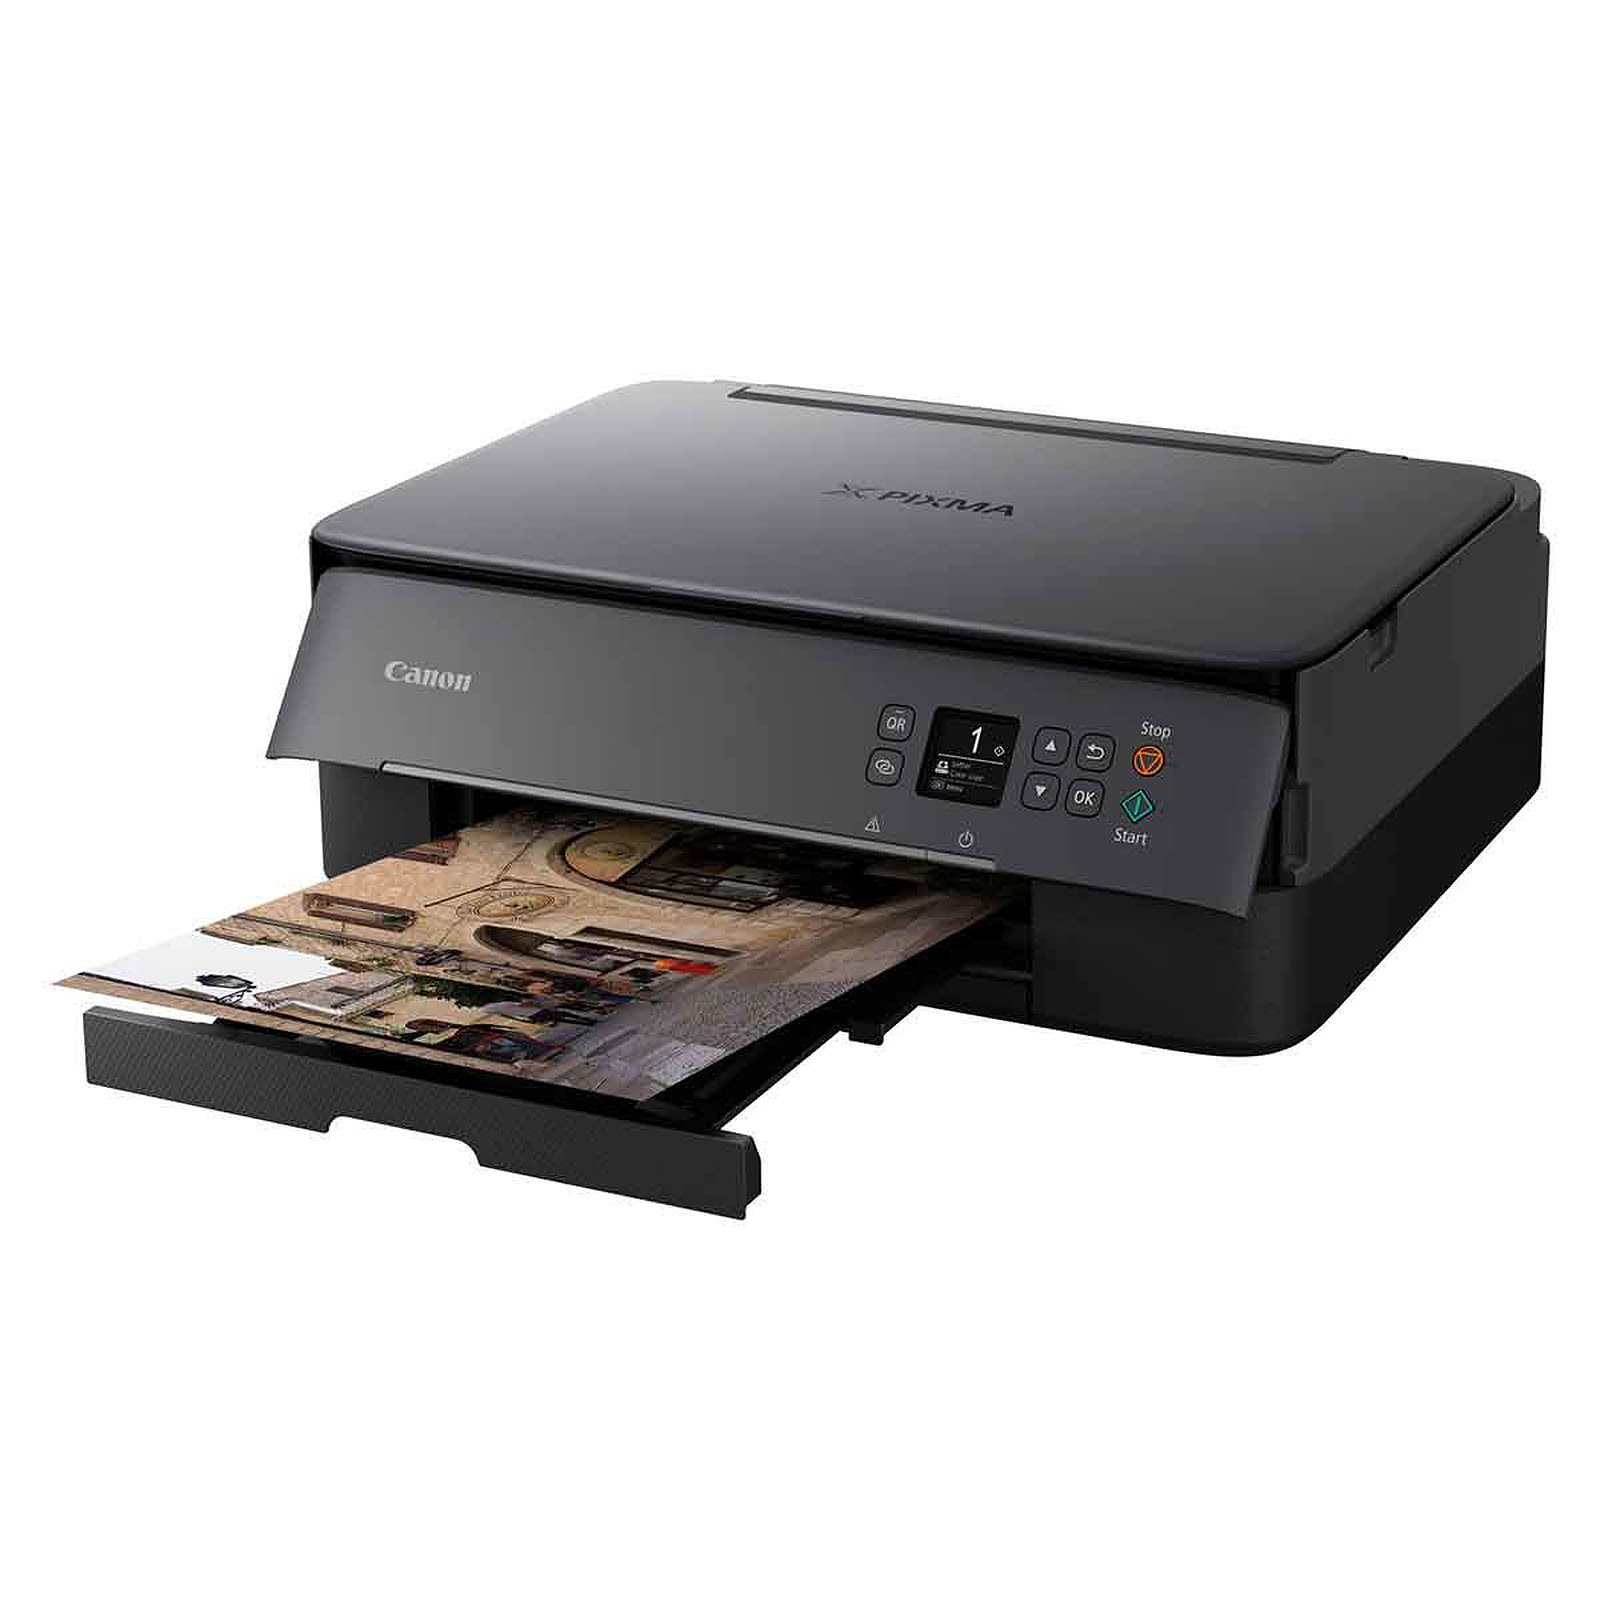 PIXMA TS5350 (3773C006 **) - Achat / Vente Imprimante multifonction sur Picata.fr - 2